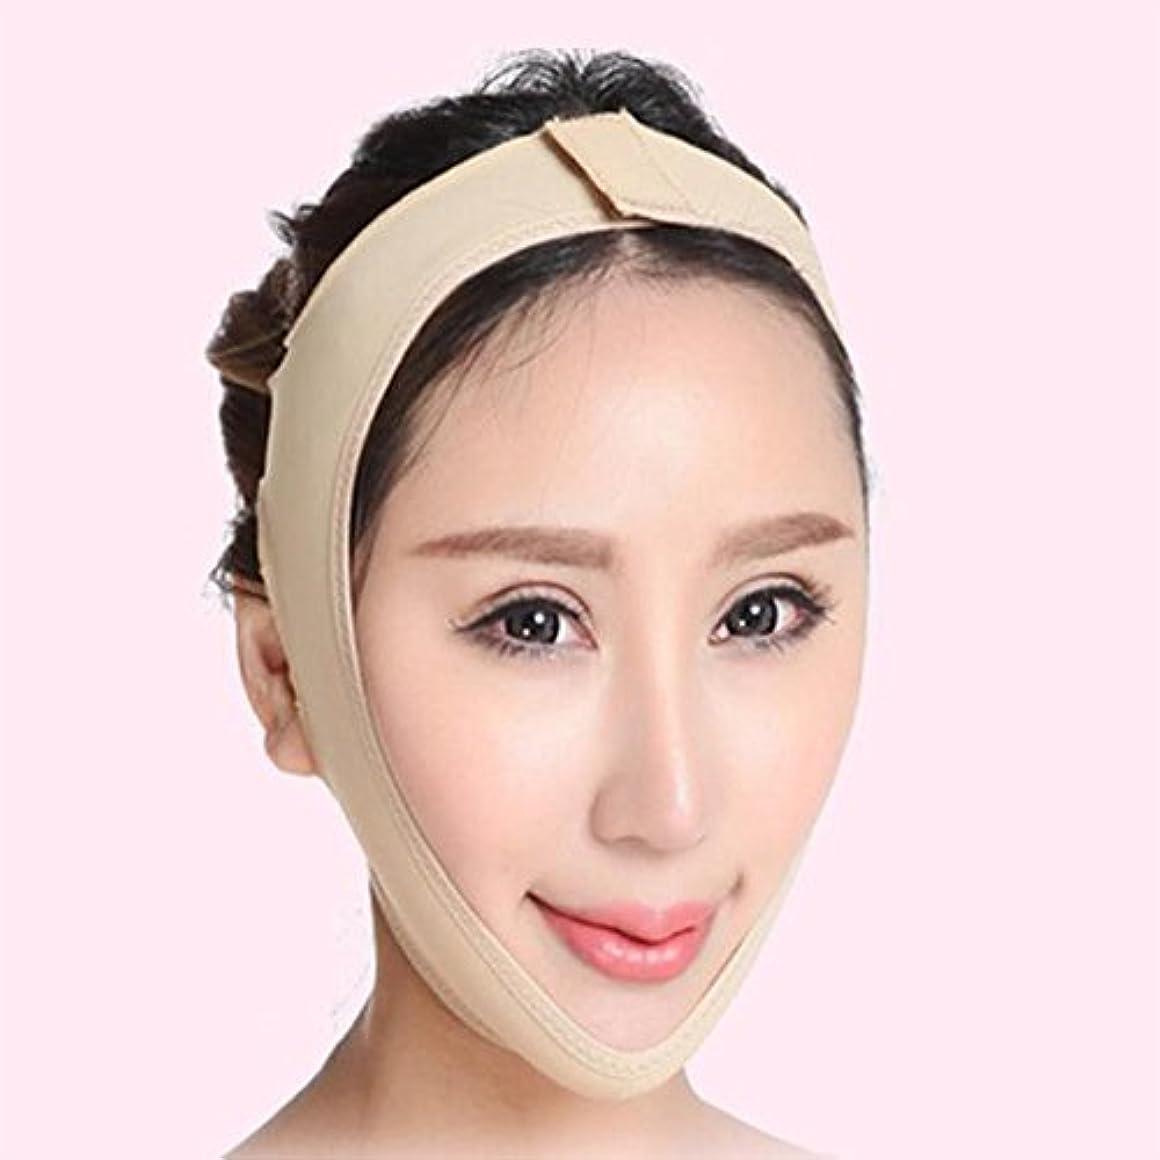 リーダーシップヒール特権的SD 小顔 小顔マスク リフトアップ マスク フェイスライン 矯正 あご シャープ メンズ レディース Sサイズ AZD15003-S